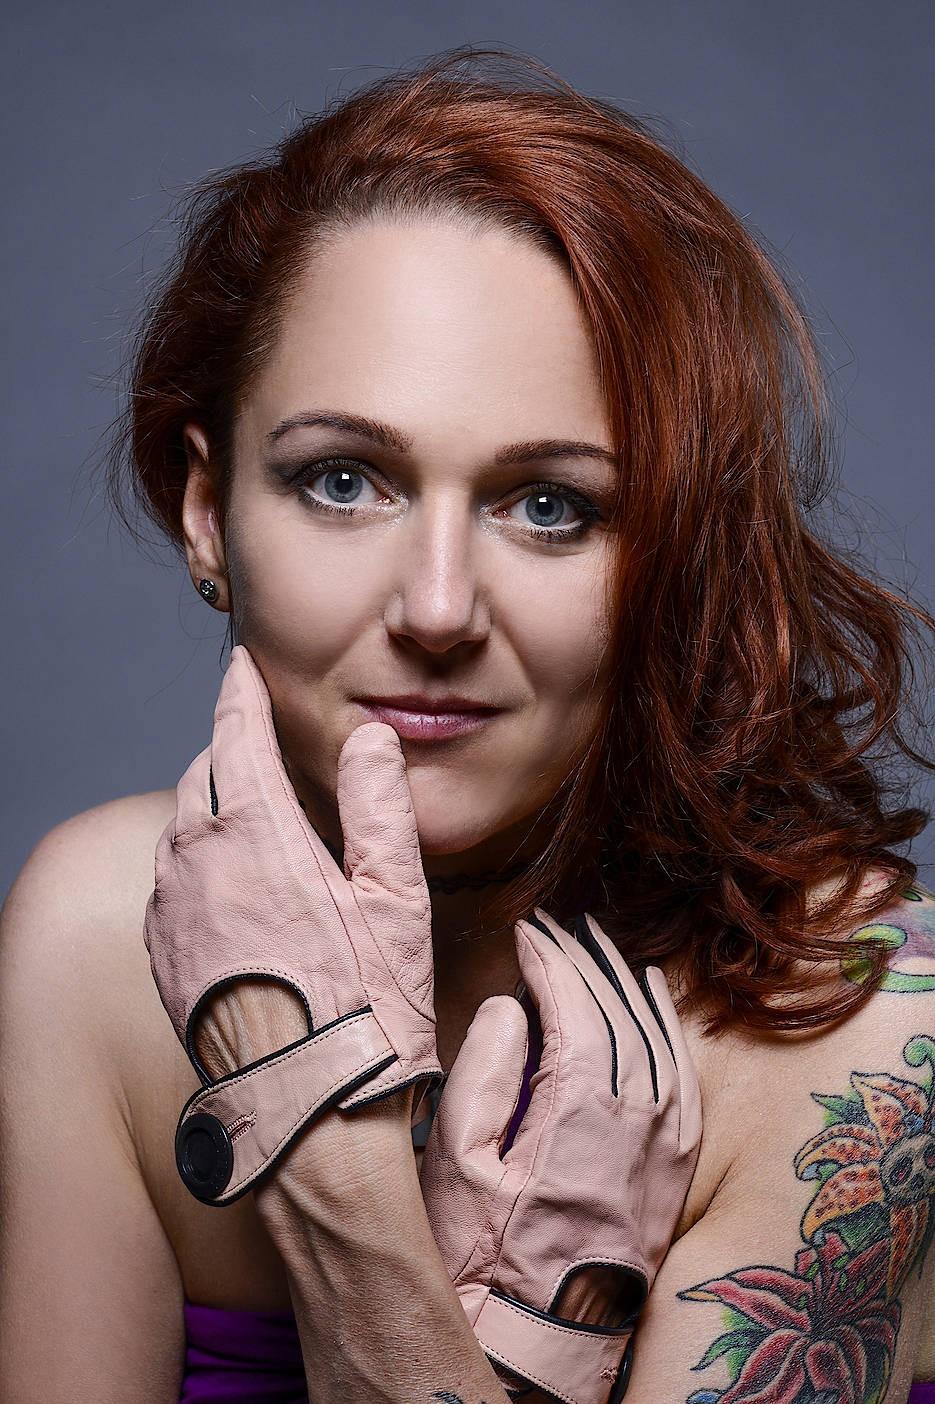 Claudia Neun: Kein Kleiderständer-Model, sondern ein Charakter-Model